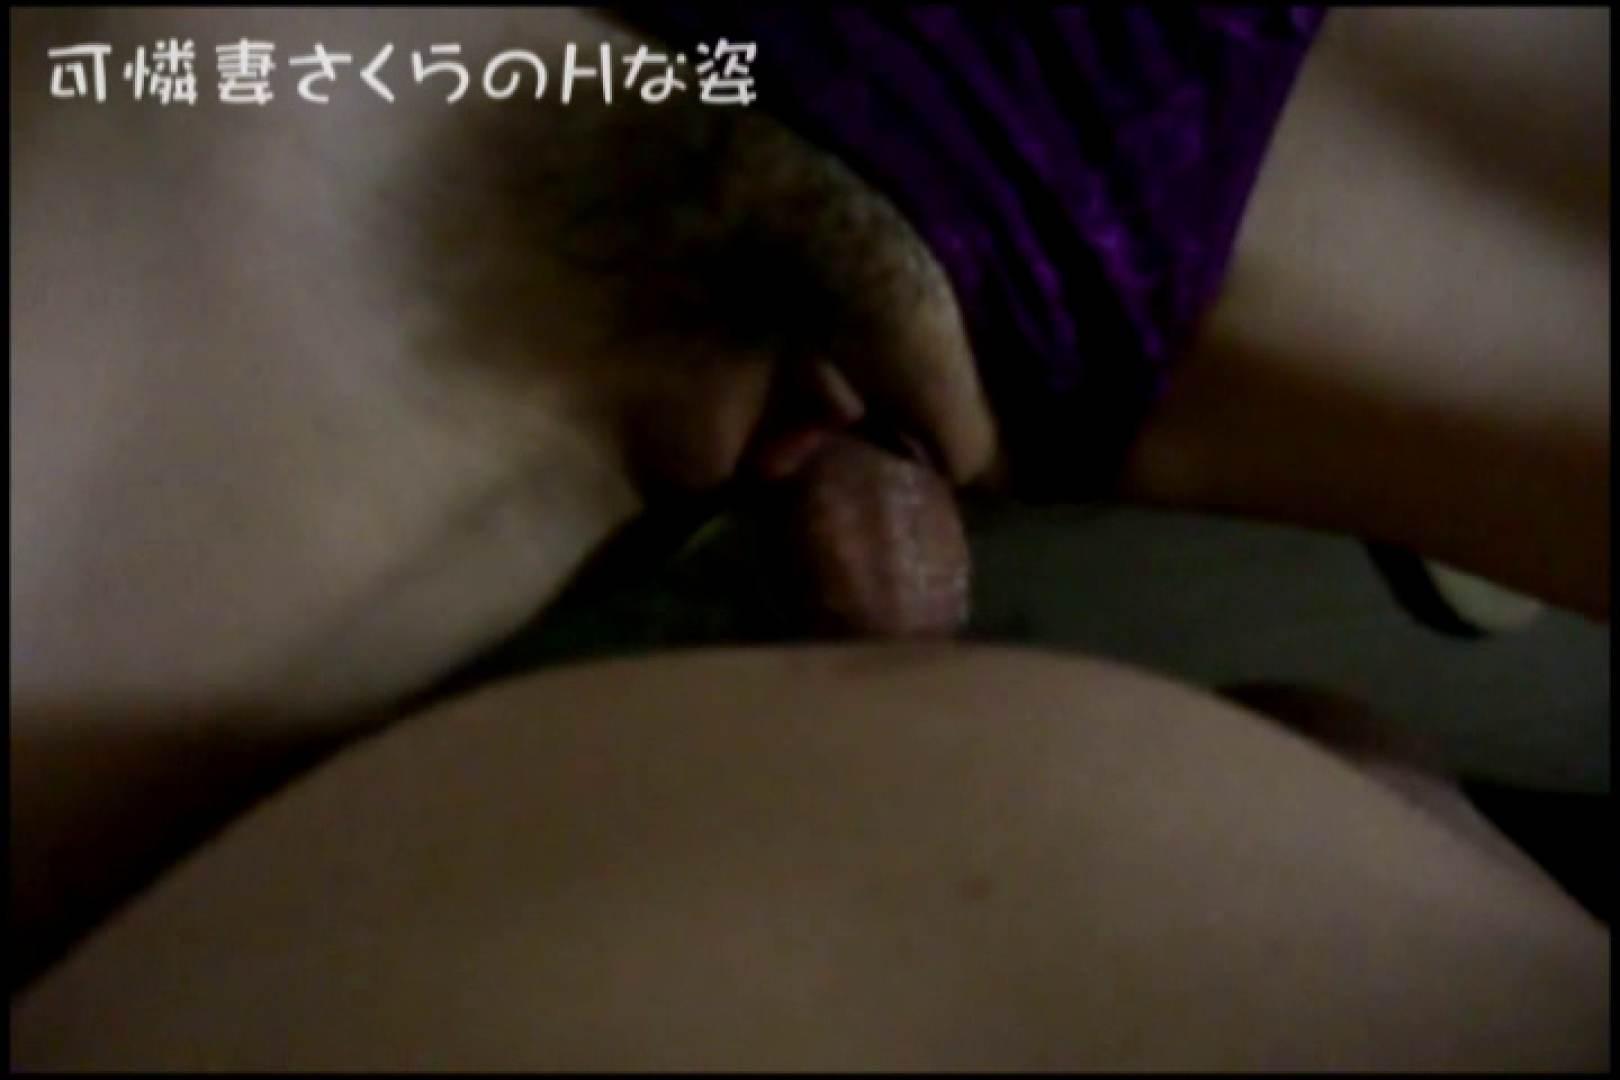 可憐妻さくらのHな姿vol.6 おっぱい  80pic 70